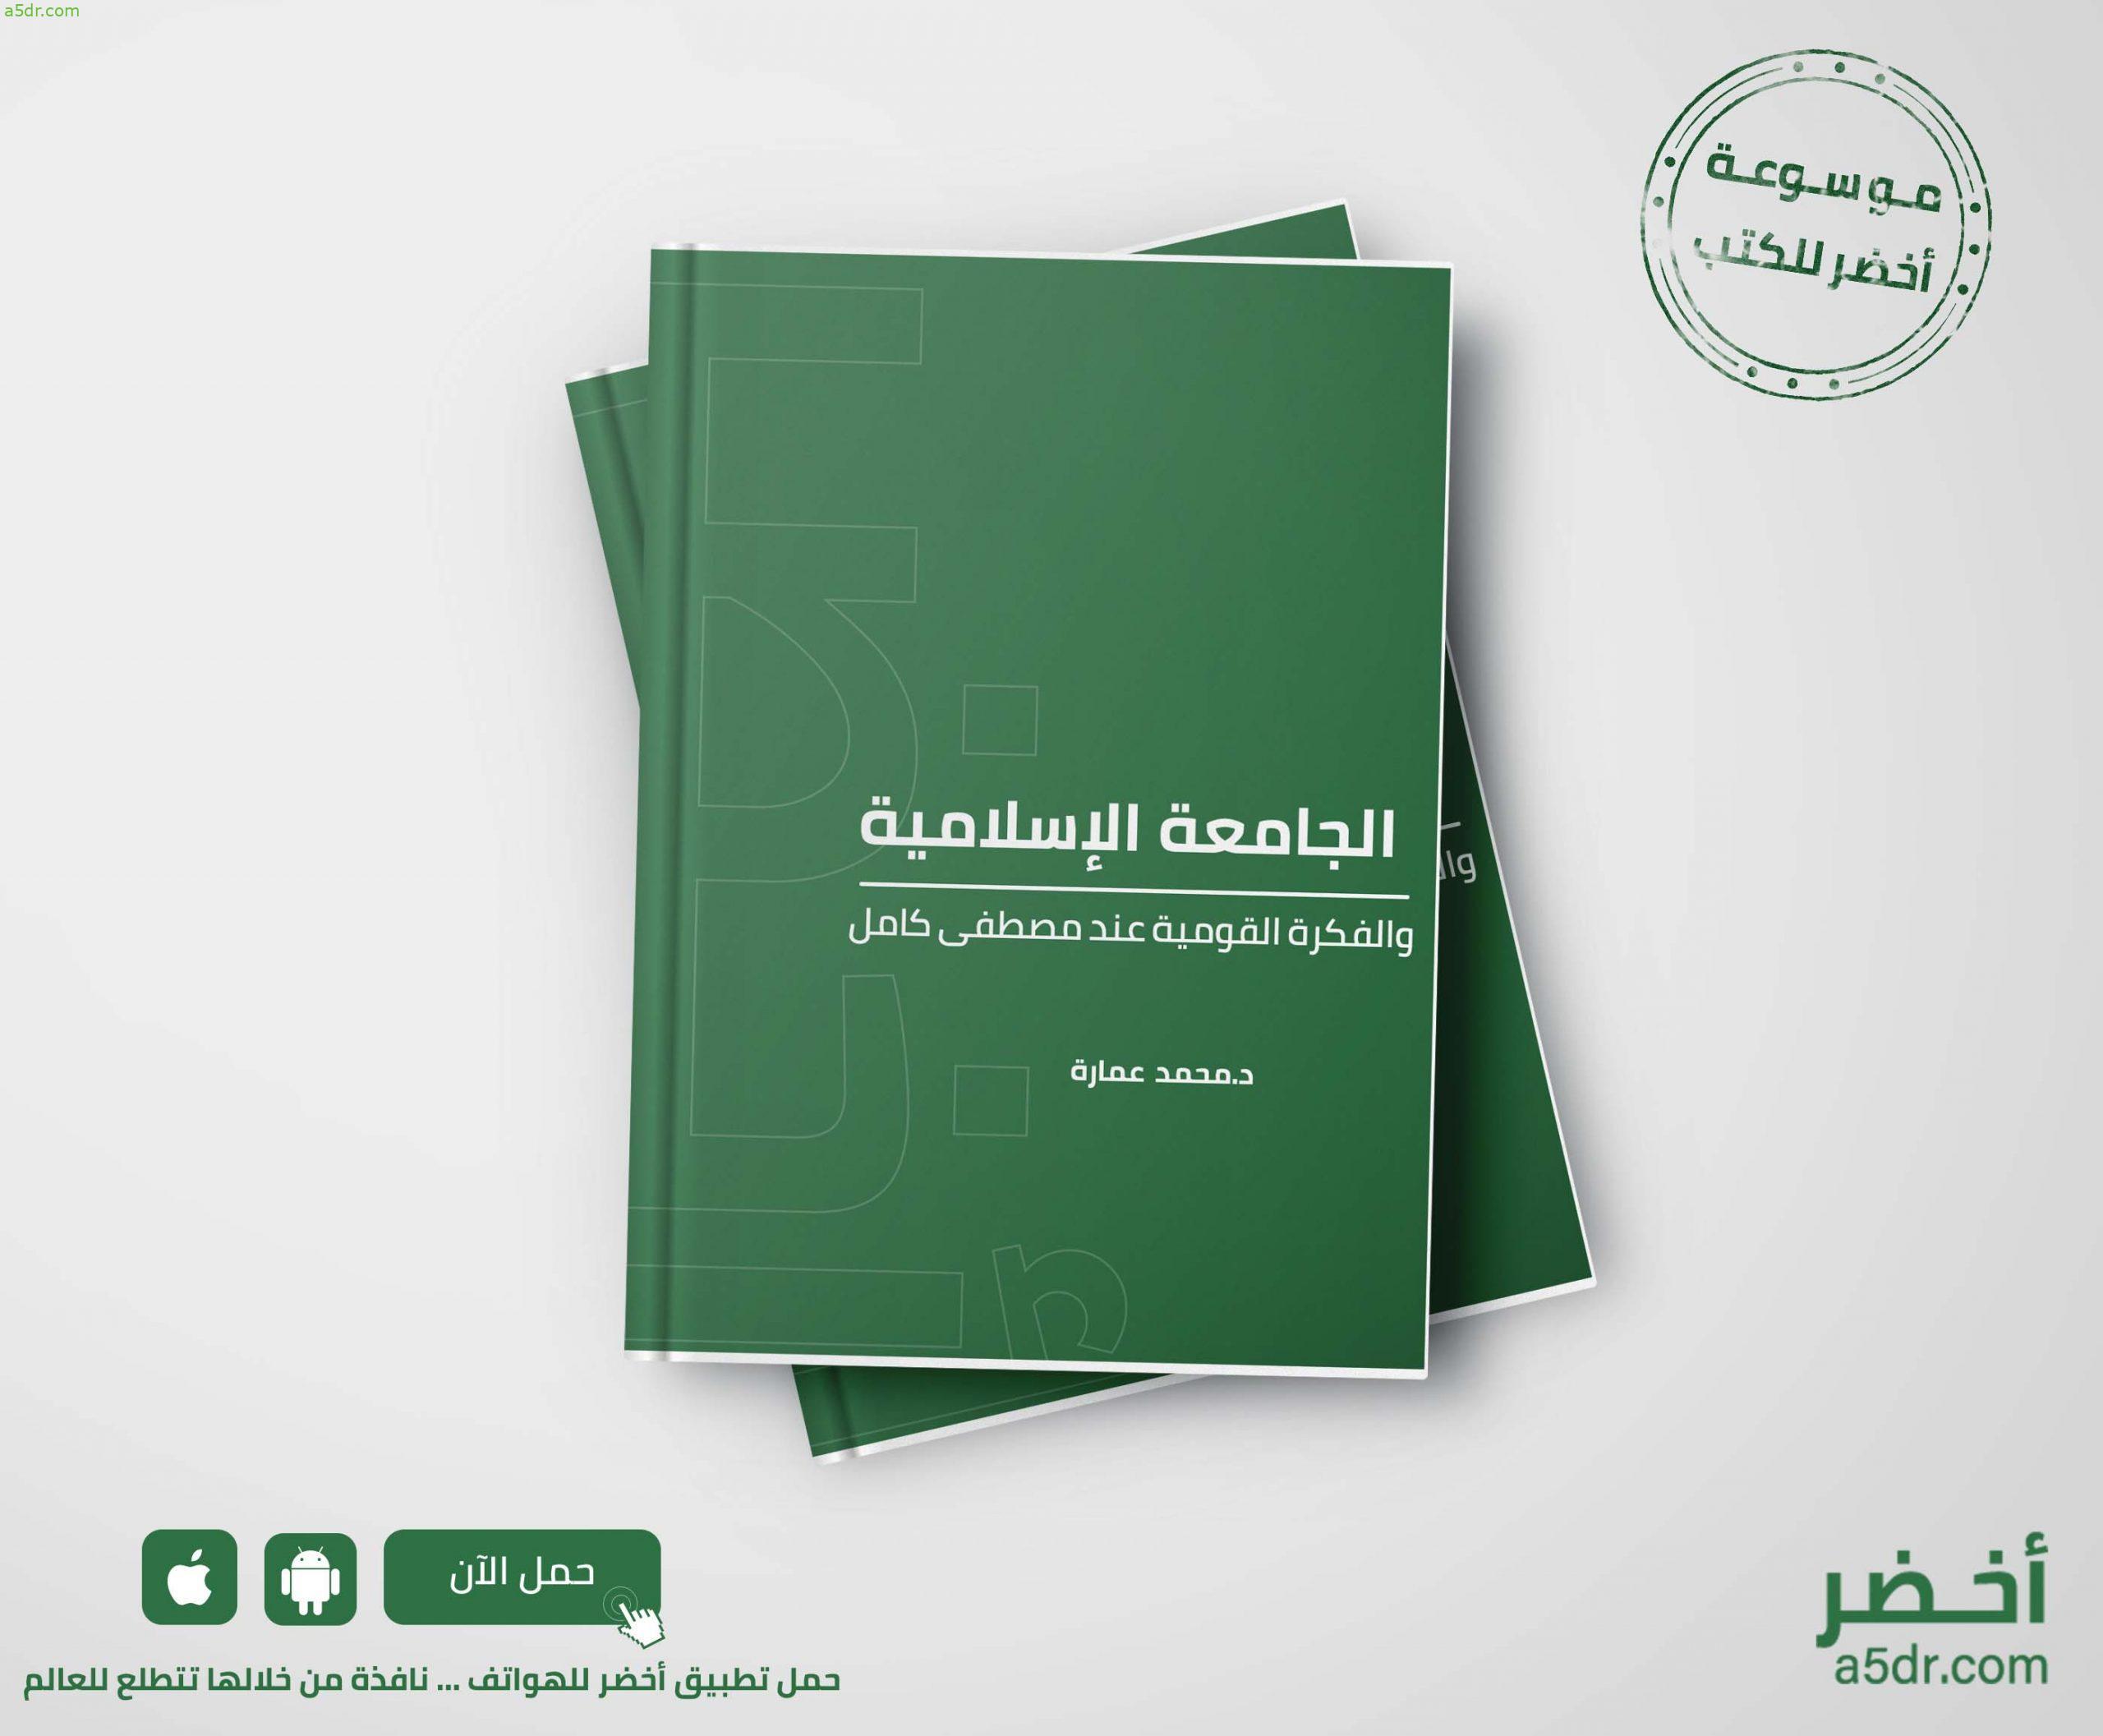 كتاب الجامعة الاسلامية والفكرة القومية عند مصطفى كامل - محمد عمارة